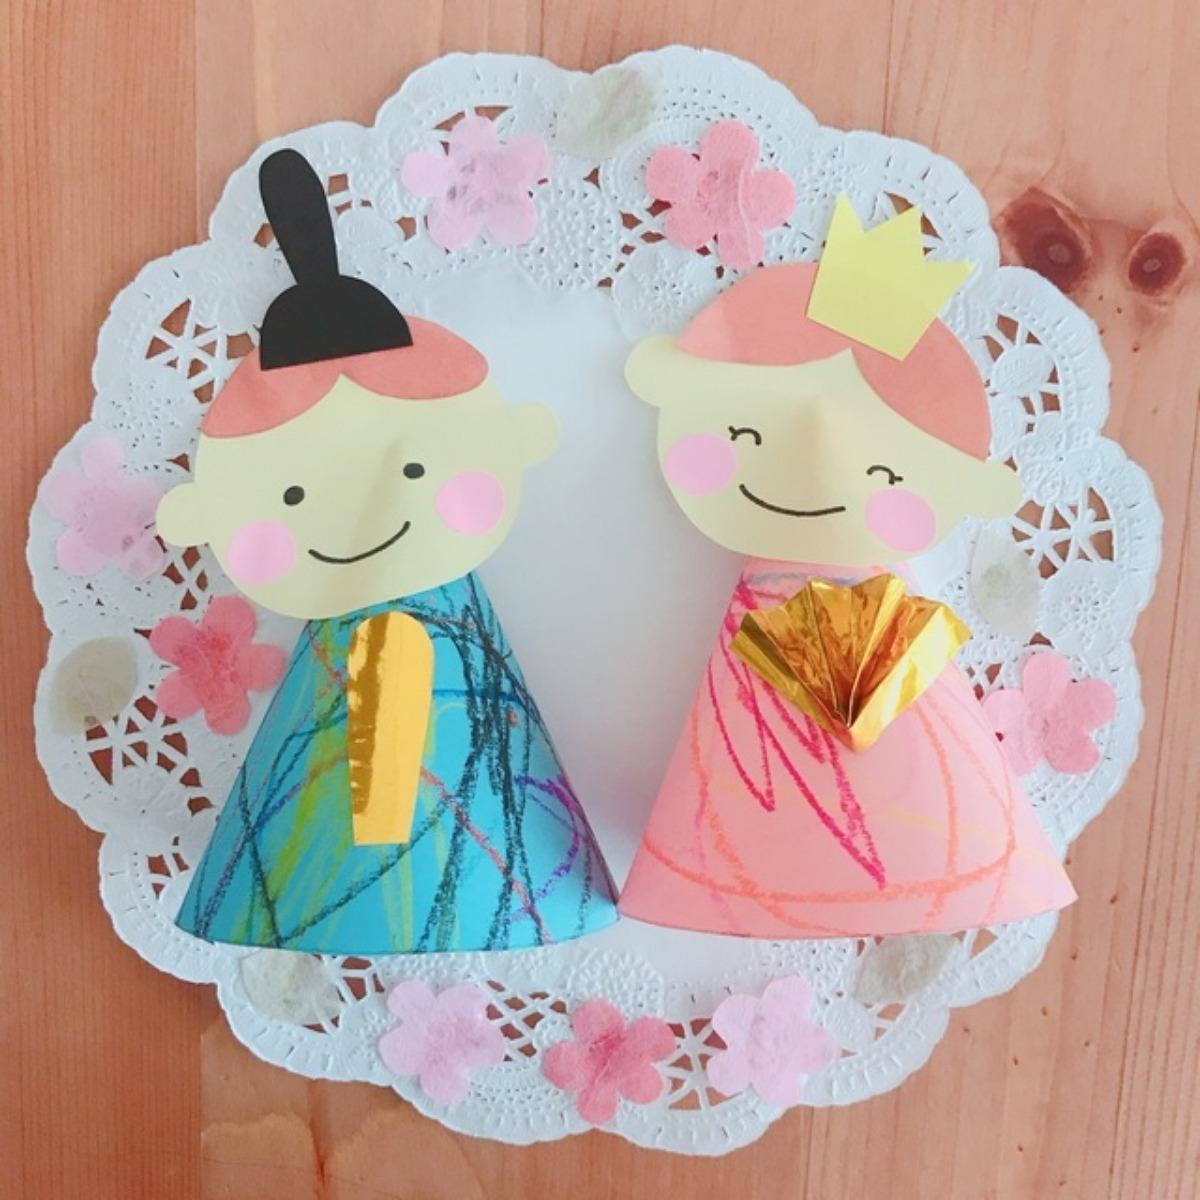 【アプリ投稿】雛人形 着物の模様は娘が描いてくれました(*´˘`*)♡